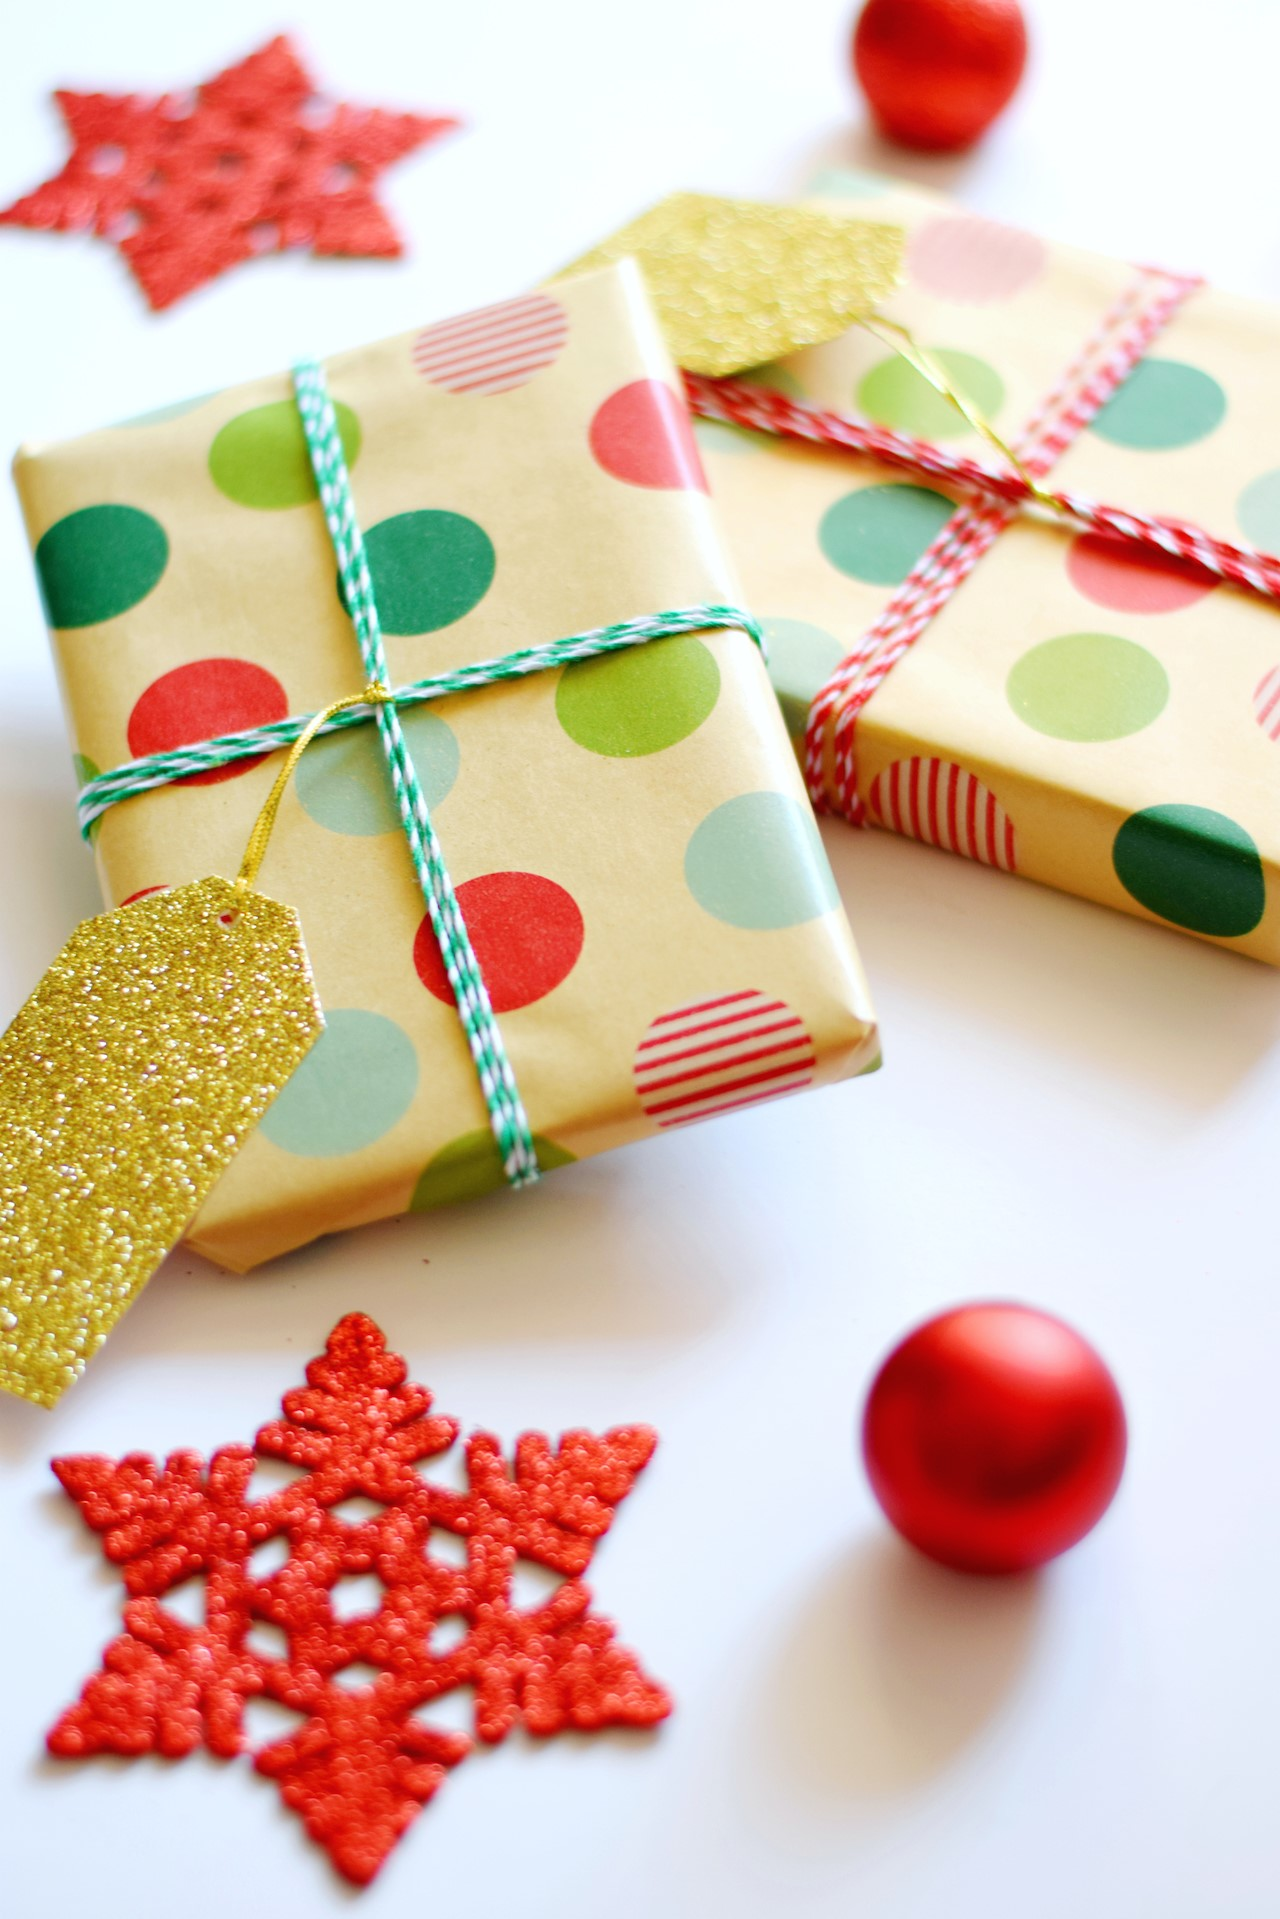 Paquet cadeau original emballé d'un papier multicolore.